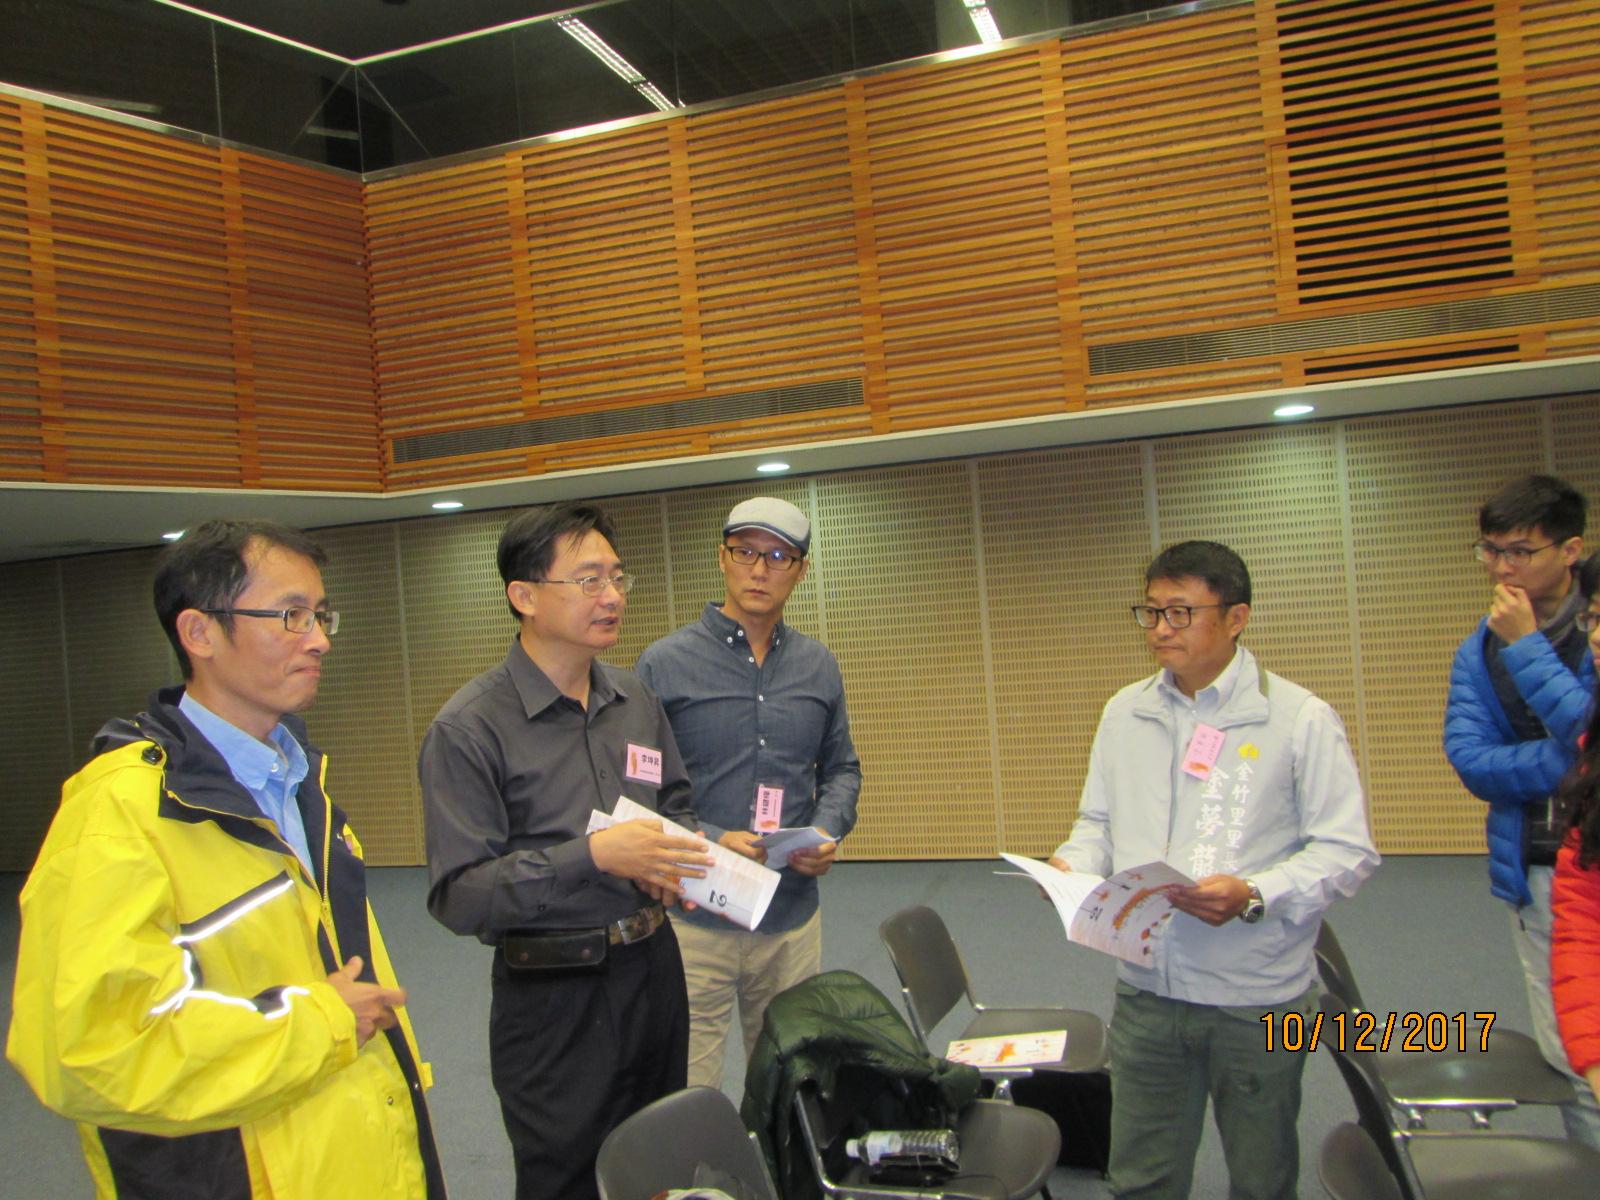 圖2-其它縣市社造團隊對臺南築角策略深感興趣.JPG